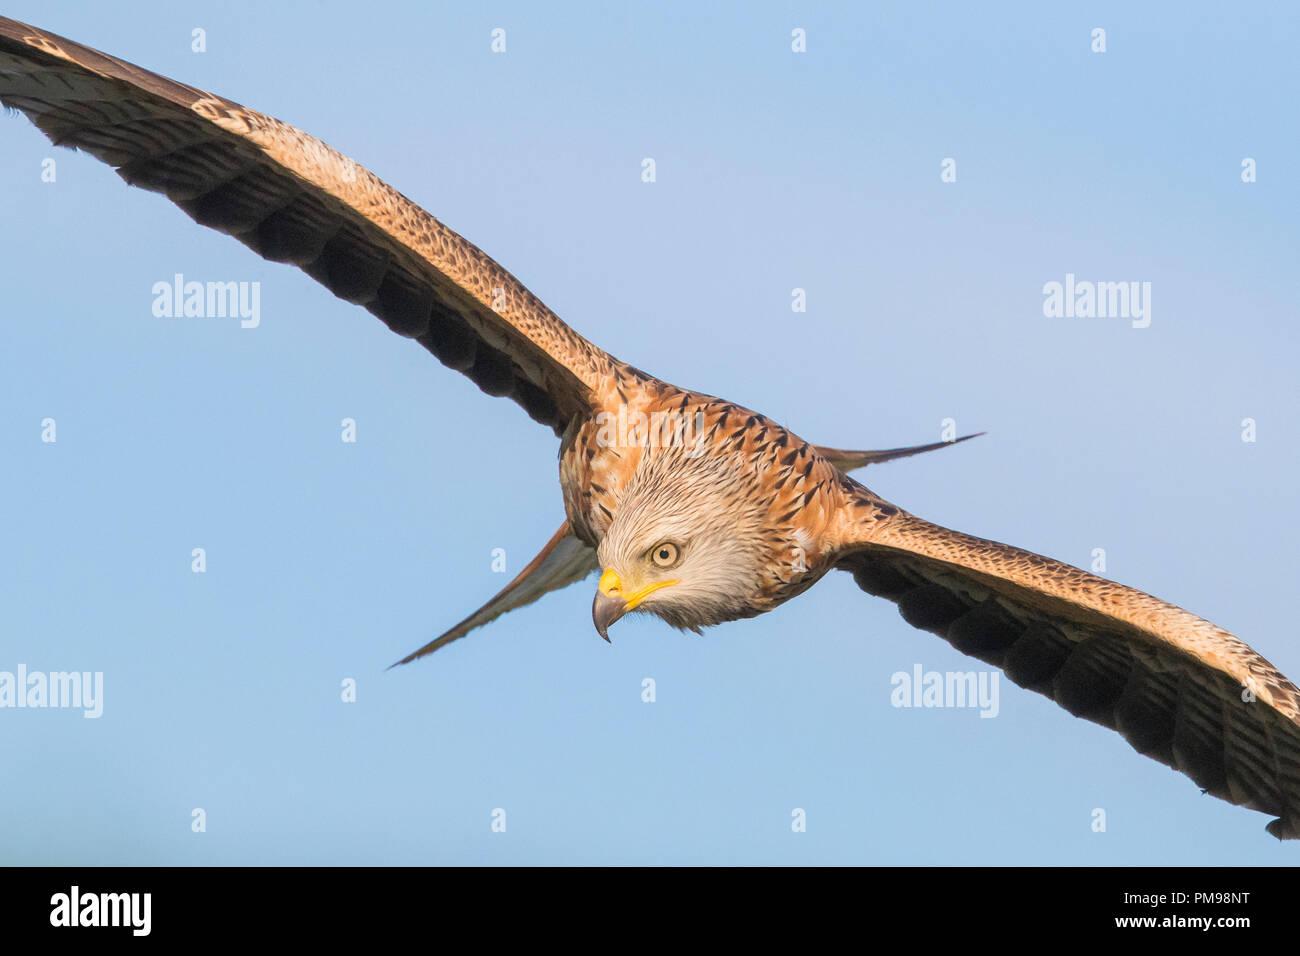 Red Kite (Milvus milvus), immature in flight - Stock Image